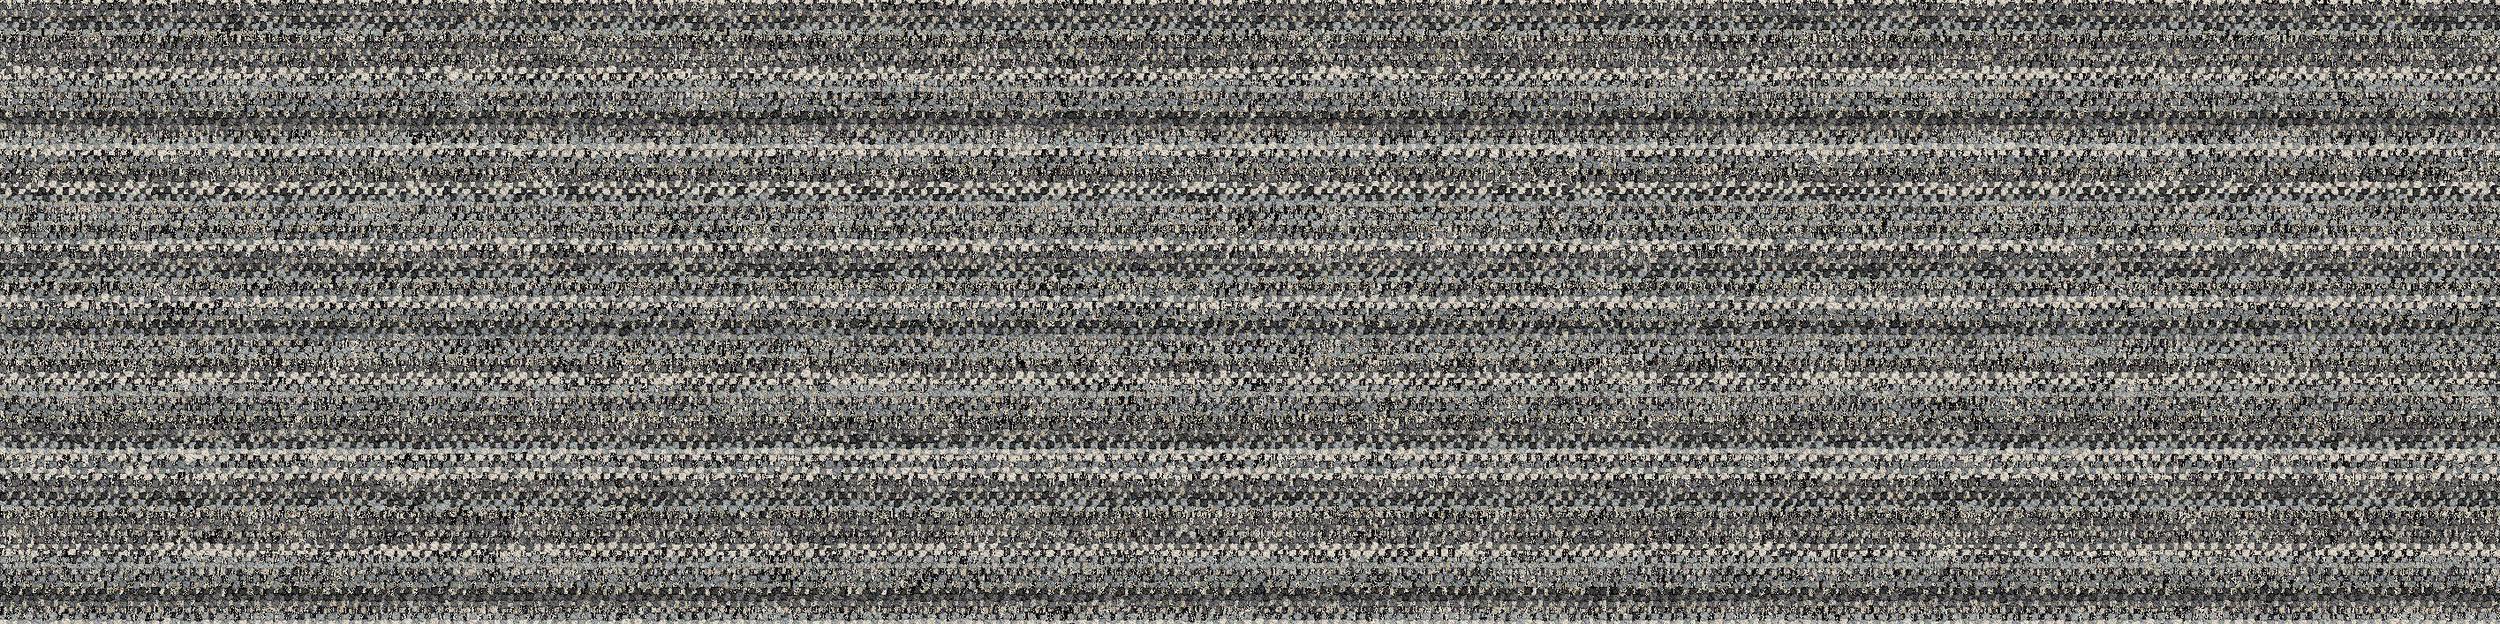 World Woven Ww865 Warp Moorland Variation 1 Carpet